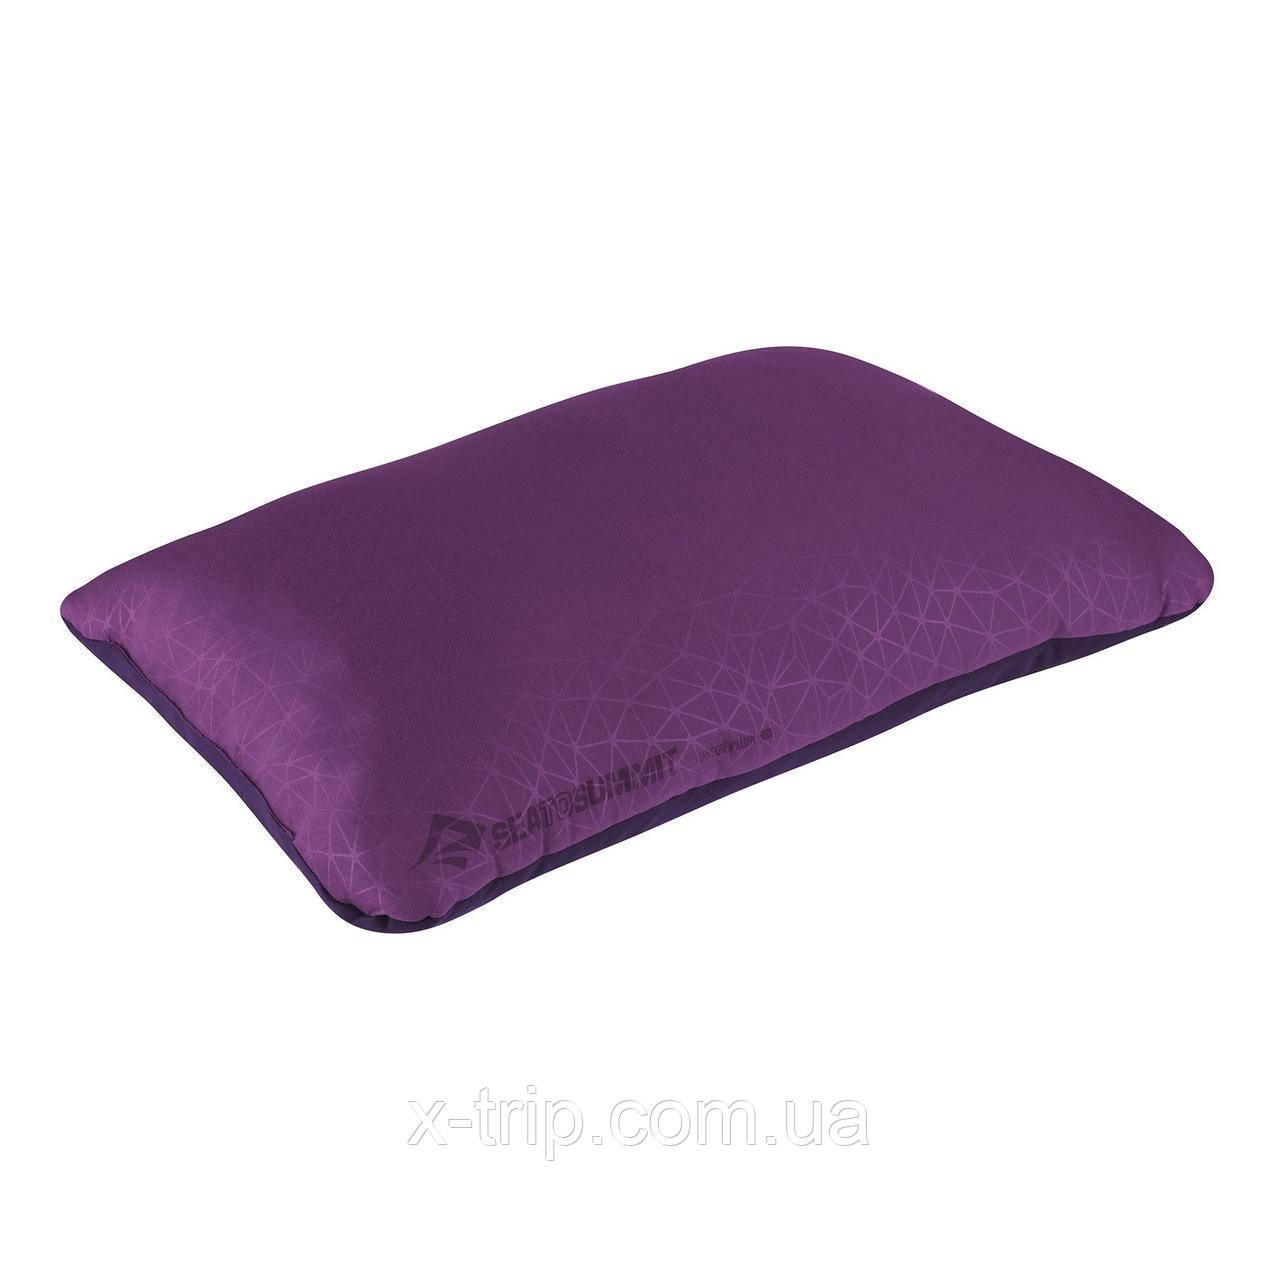 Надувна подушка Sea To Summit Foam Core Pillow Deluxe, 16х56х36см, Magenta (STS APILFOAMDLXMG)